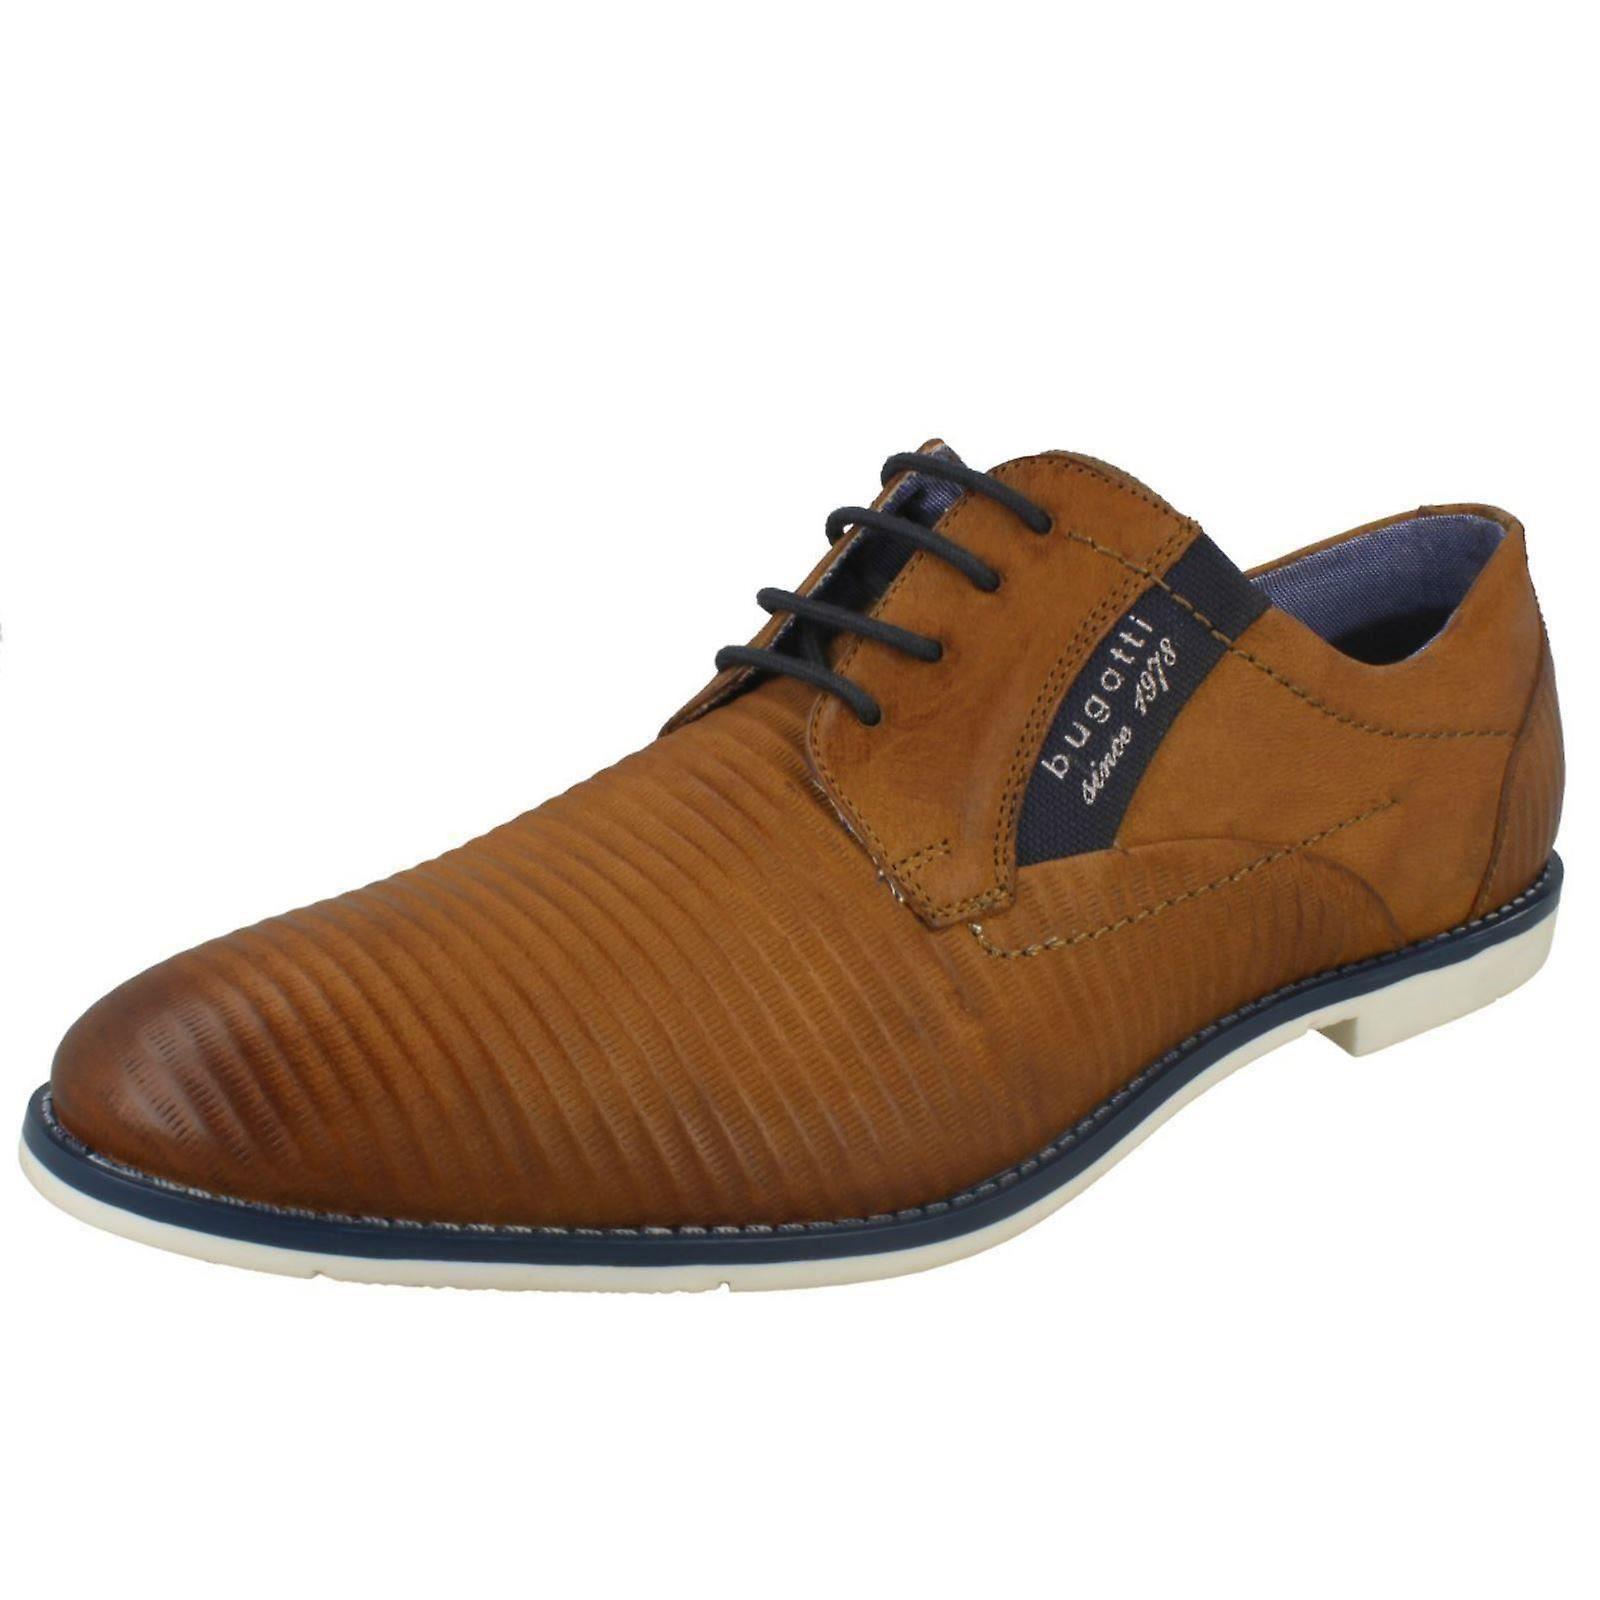 chaussures en dentelle élégantes Bugatti 313-11117-3500